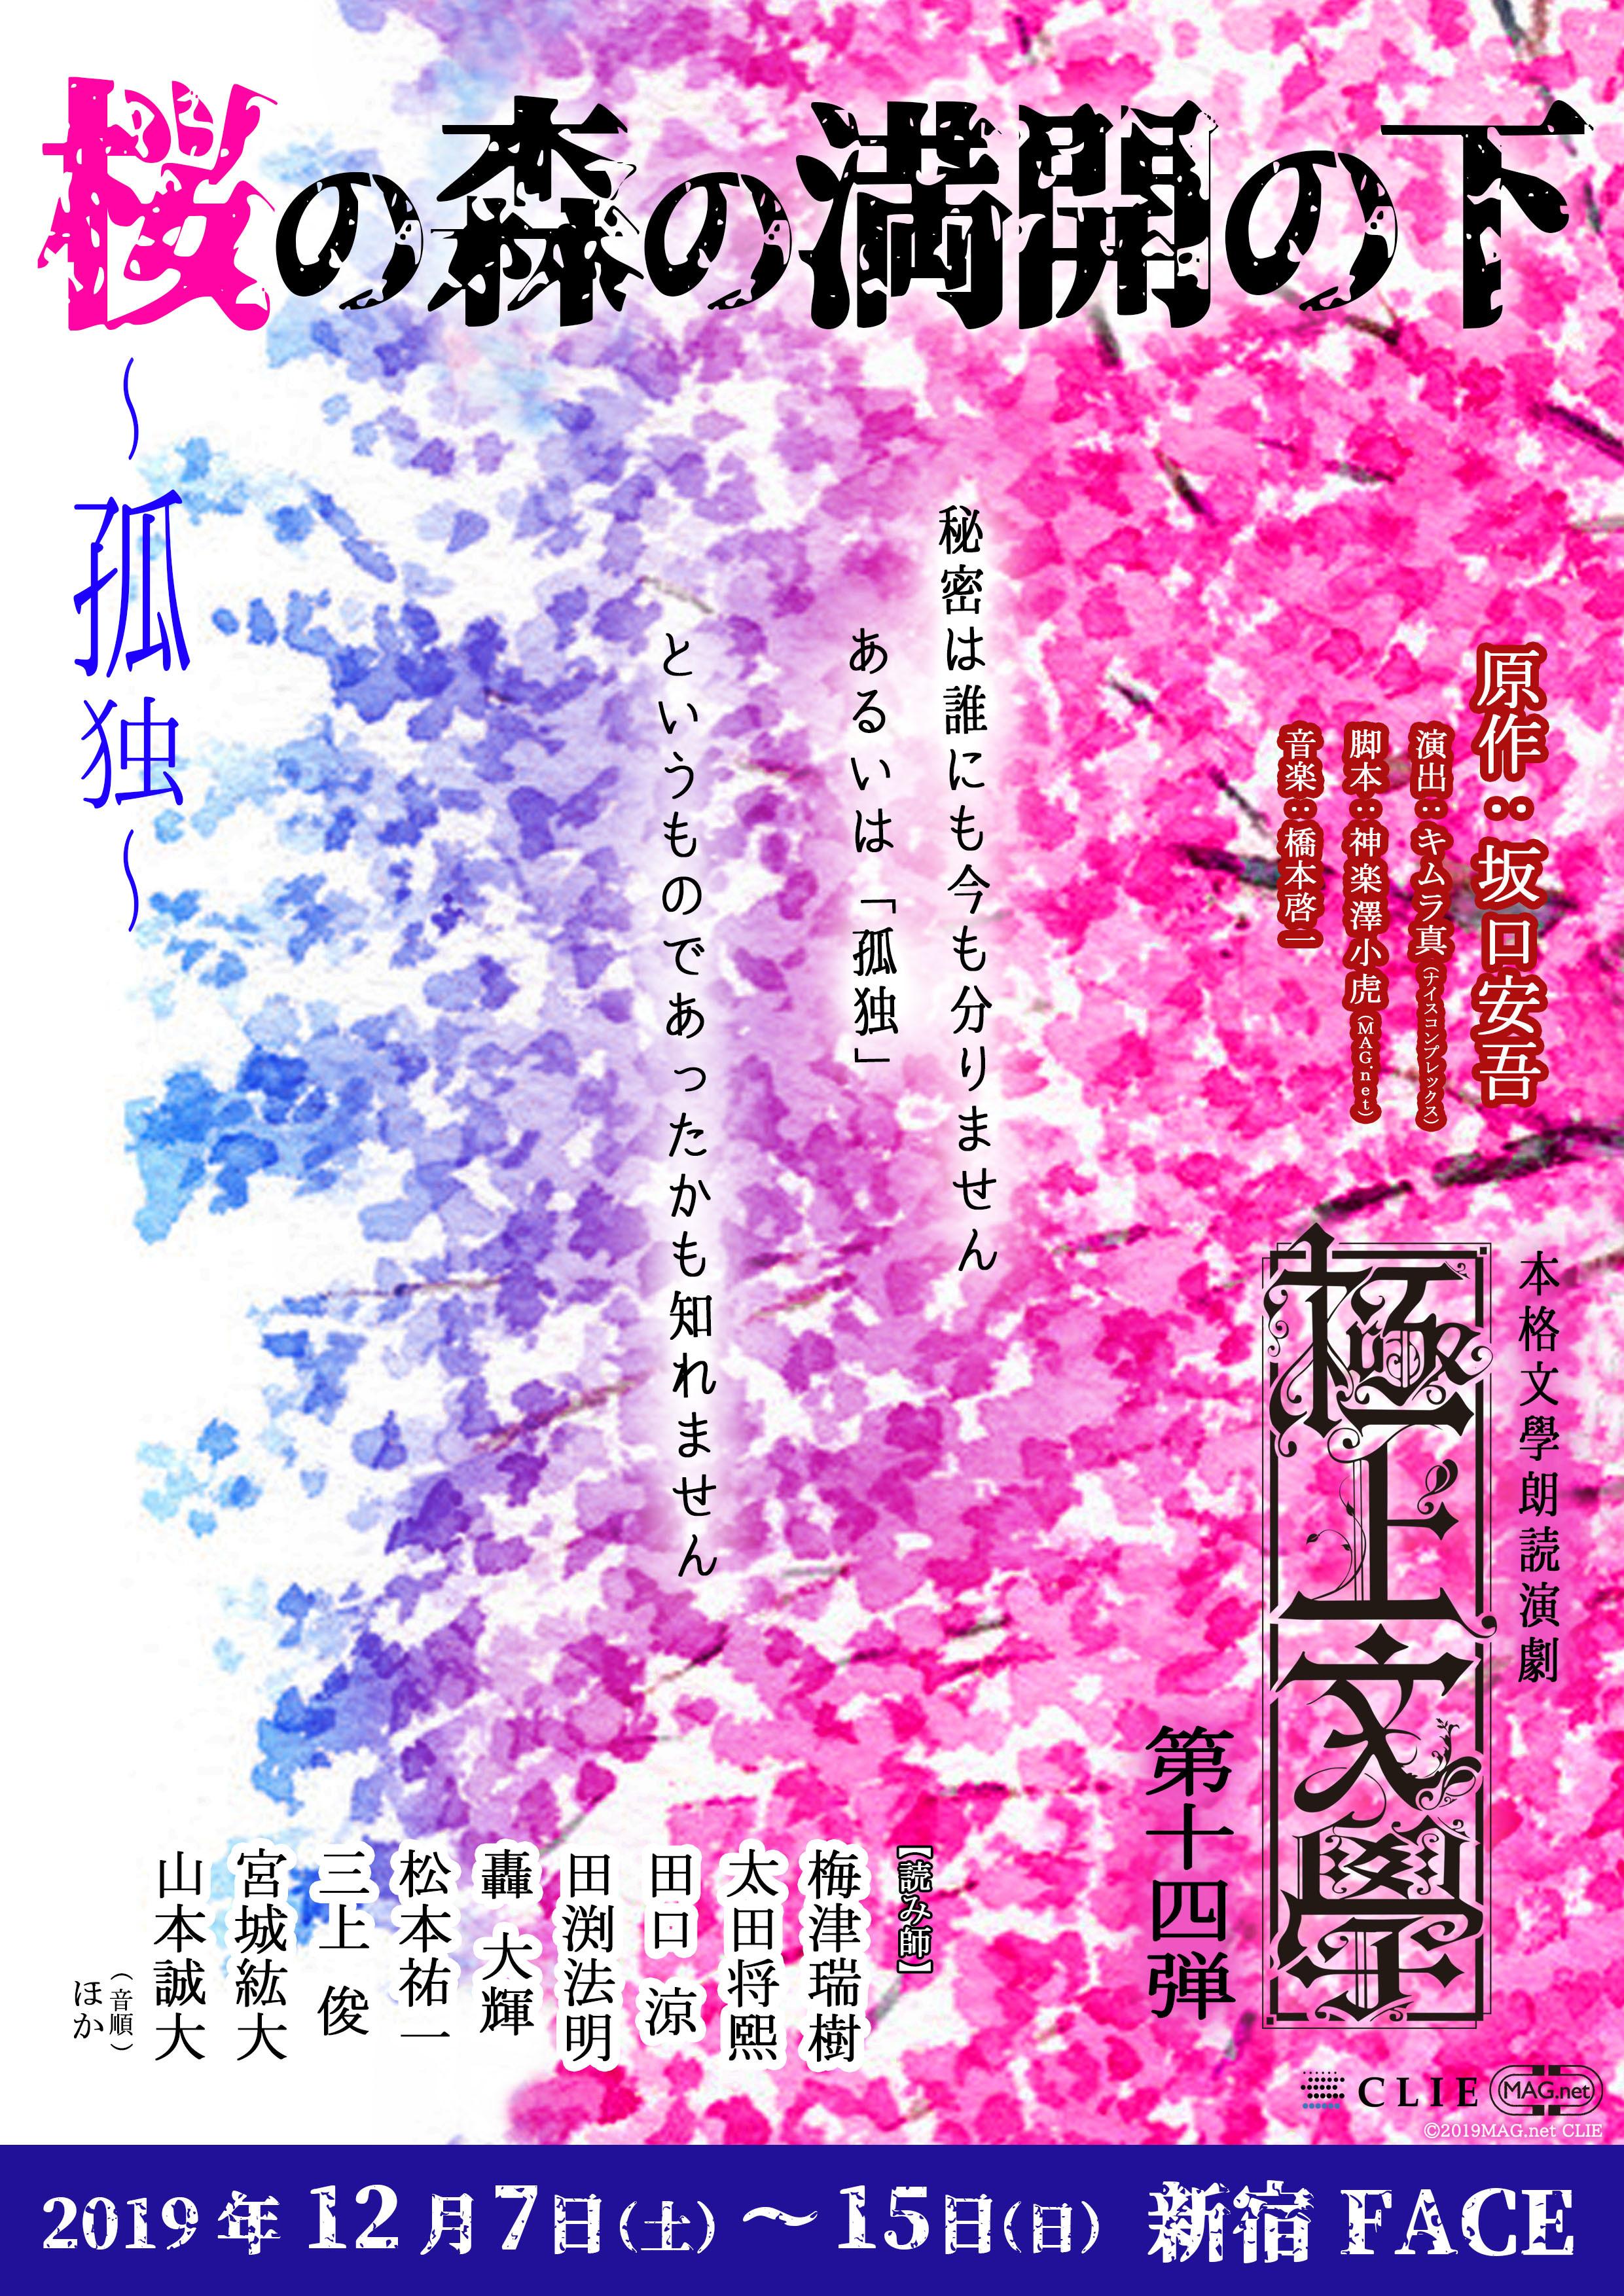 本格文學朗読演劇 極上文學第14弾「『桜の森の満開の下』~孤独~」